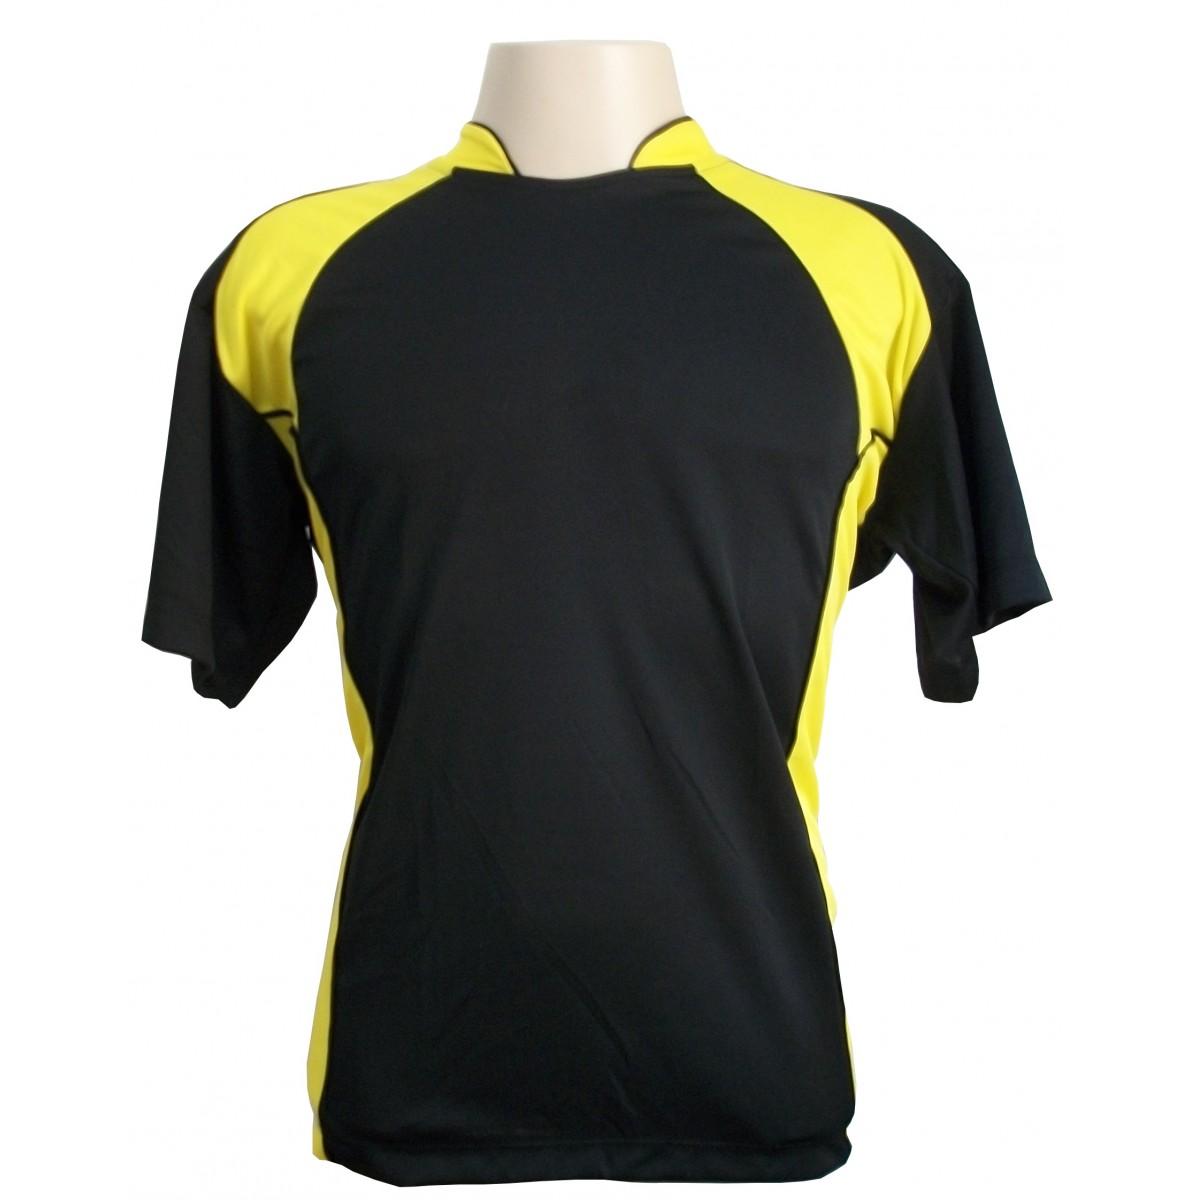 Jogo de Camisa modelo Su�cia com 14 pe�as Preto/Amarelo - Frete Gr�tis Brasil + Brindes